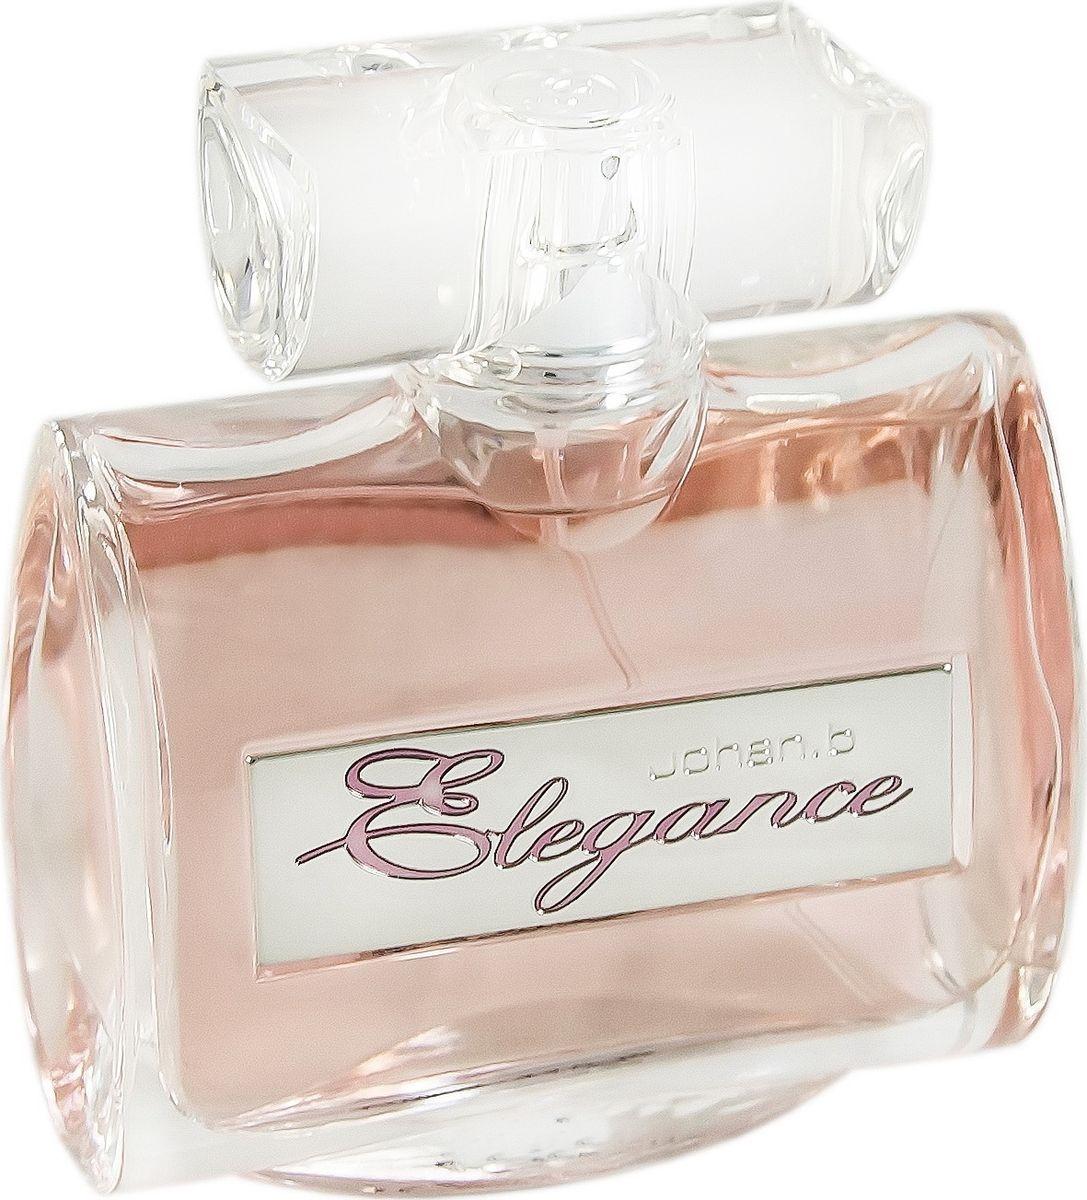 Geparlys Парфюмерная вода Elegance women Линии Johan.B, 100 млRT1405Это изысканный аксессуар для женщин, выпущенный для того, чтобы подчеркнуть главную черту женственности-элегантность.